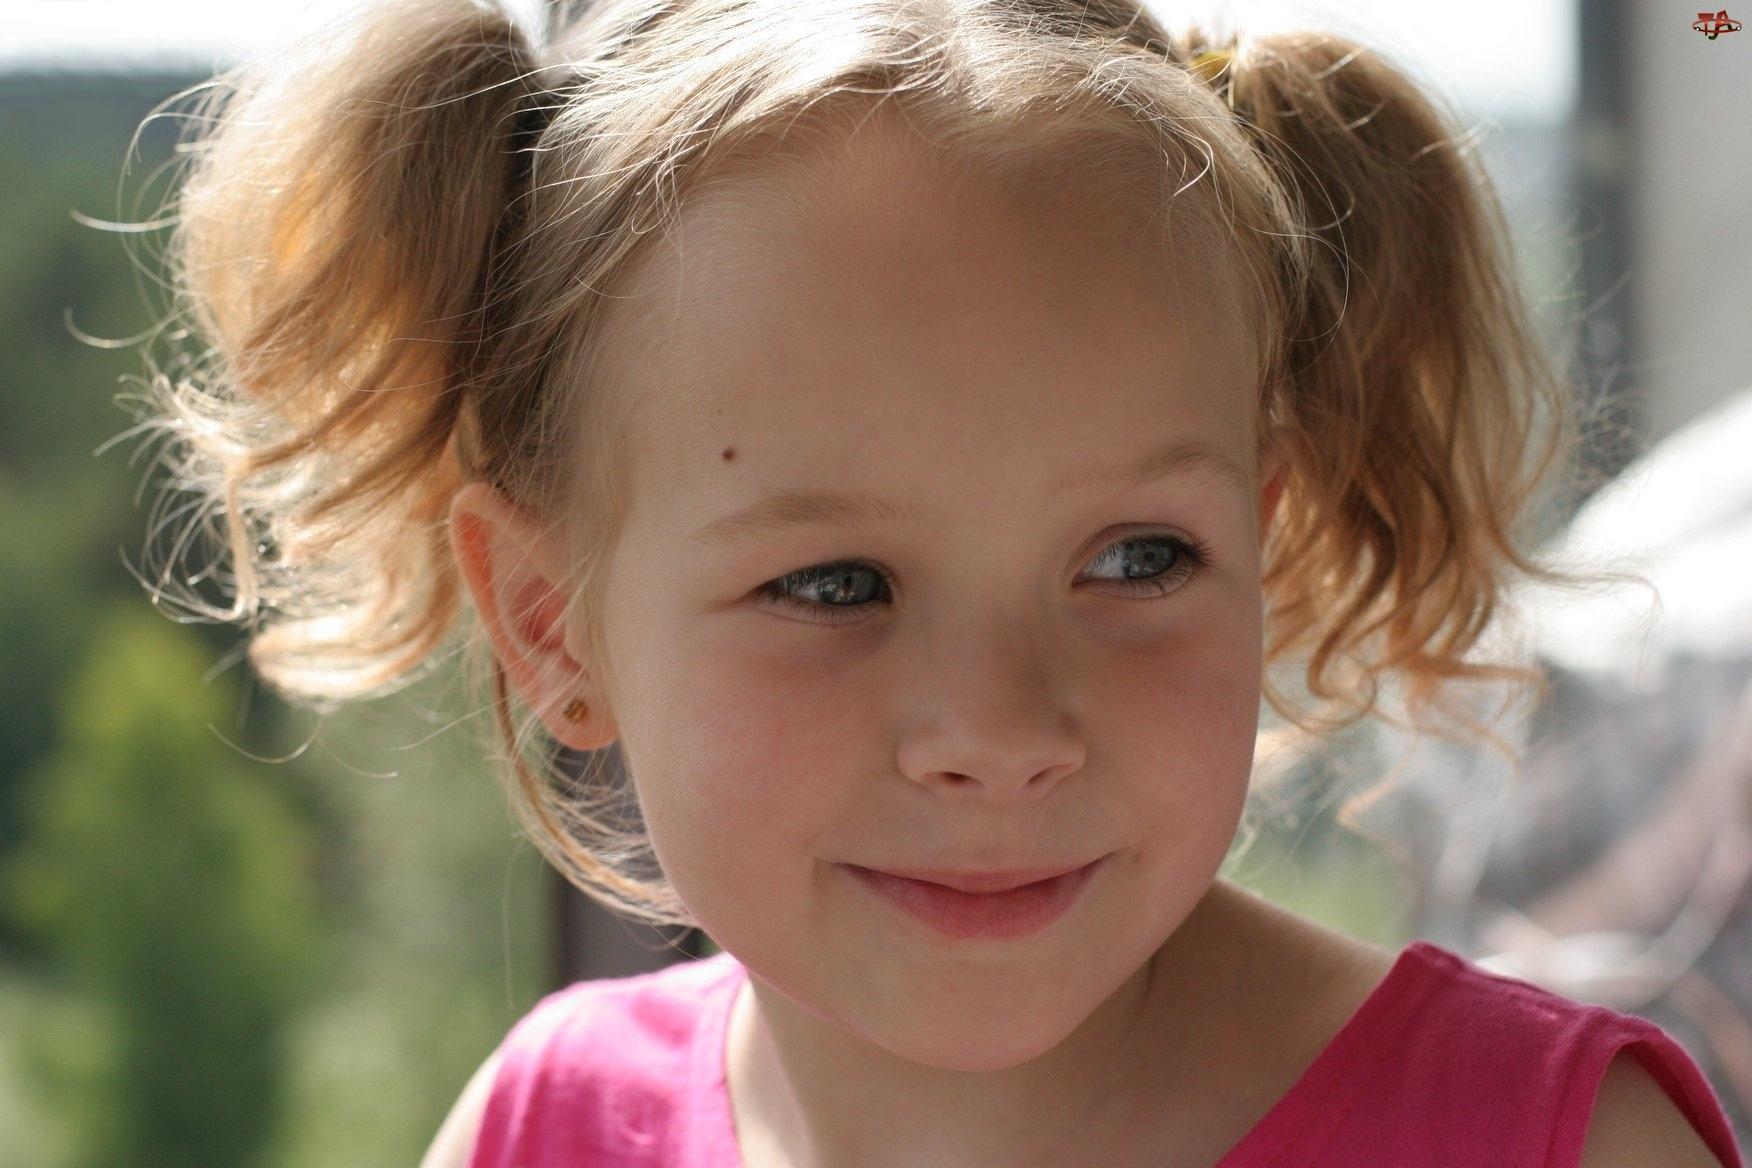 Dziewczynka, Kitki, Filuterny, Usmiech